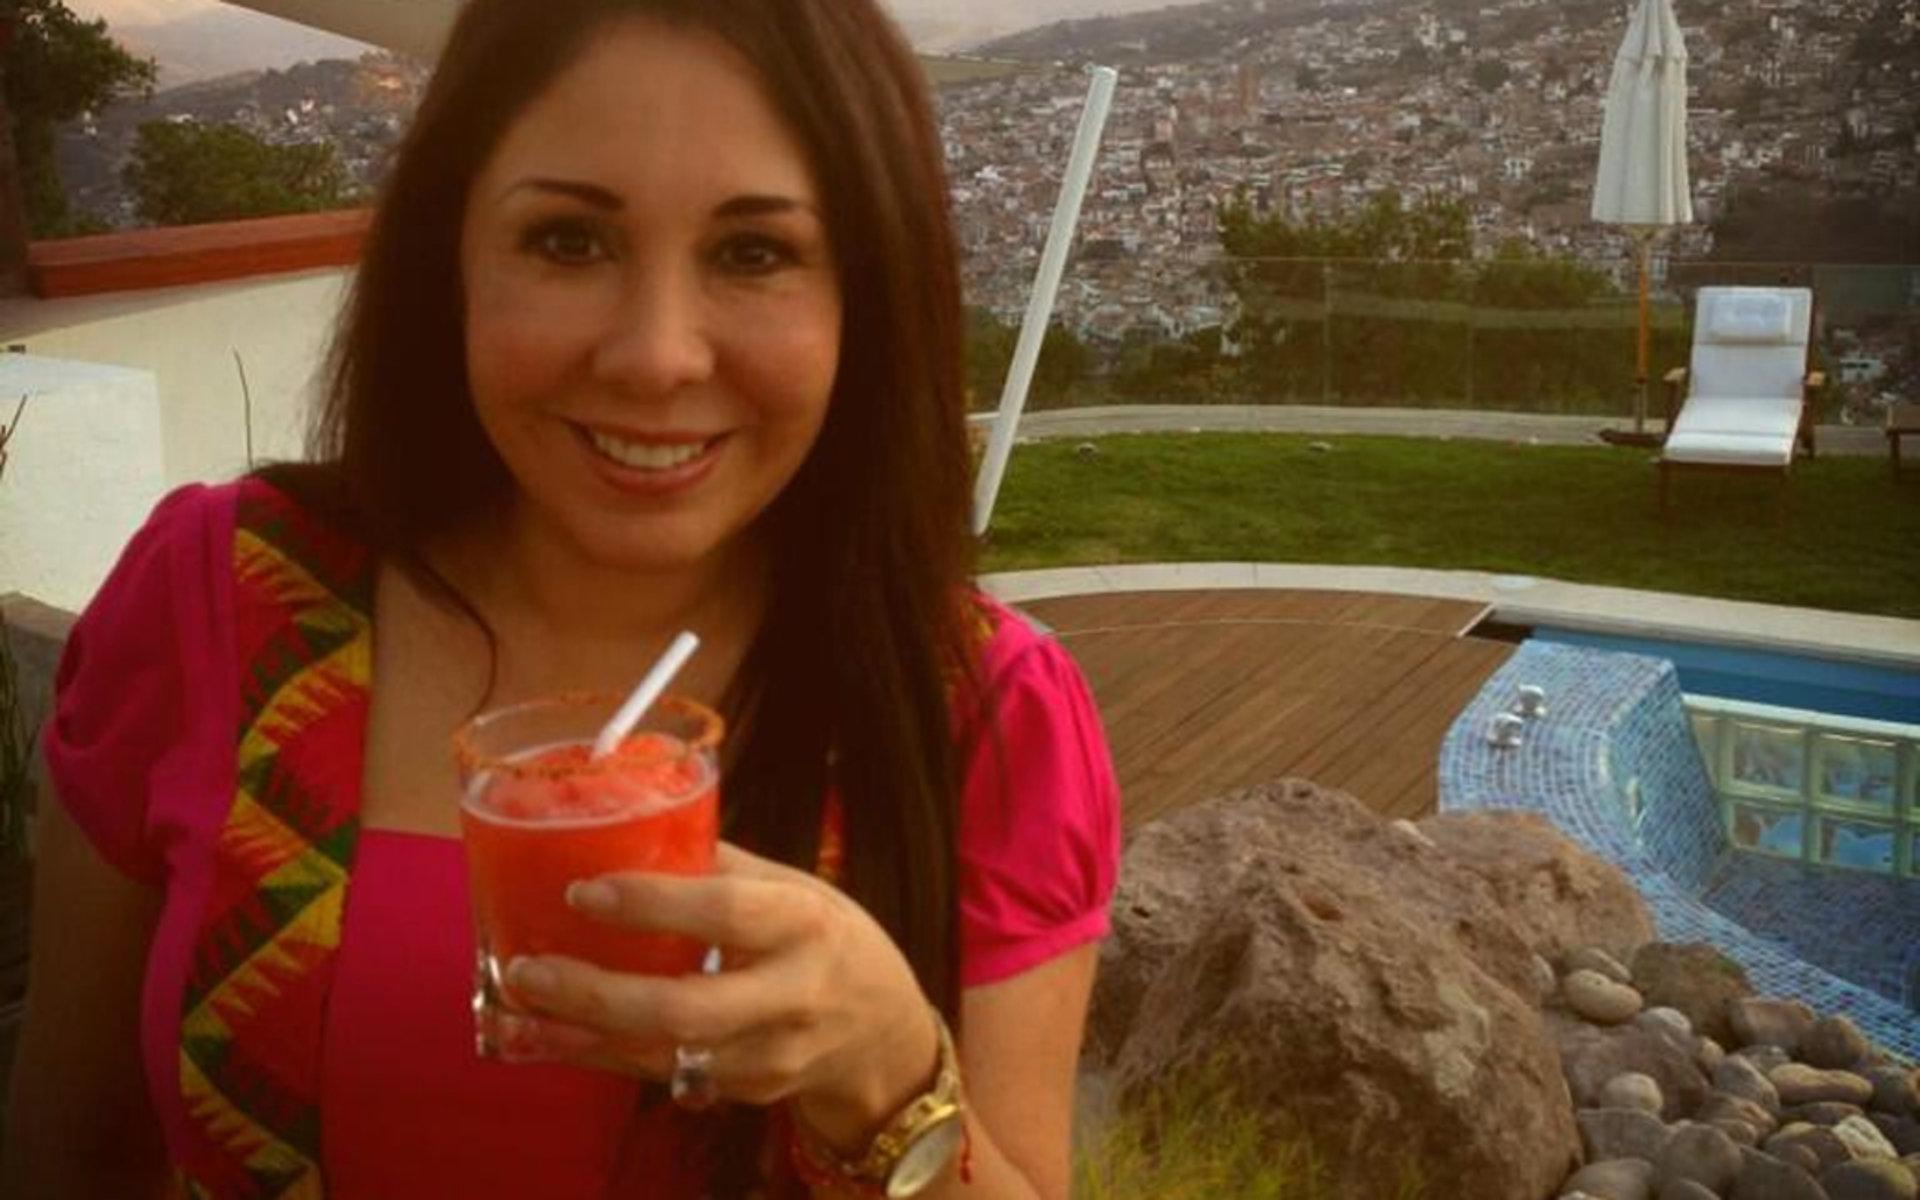 Ventaneando en hotel de la ciudad de mexico con foxyhotwifecdmx su esposo cogiendonos sin condon a las dos - 3 8